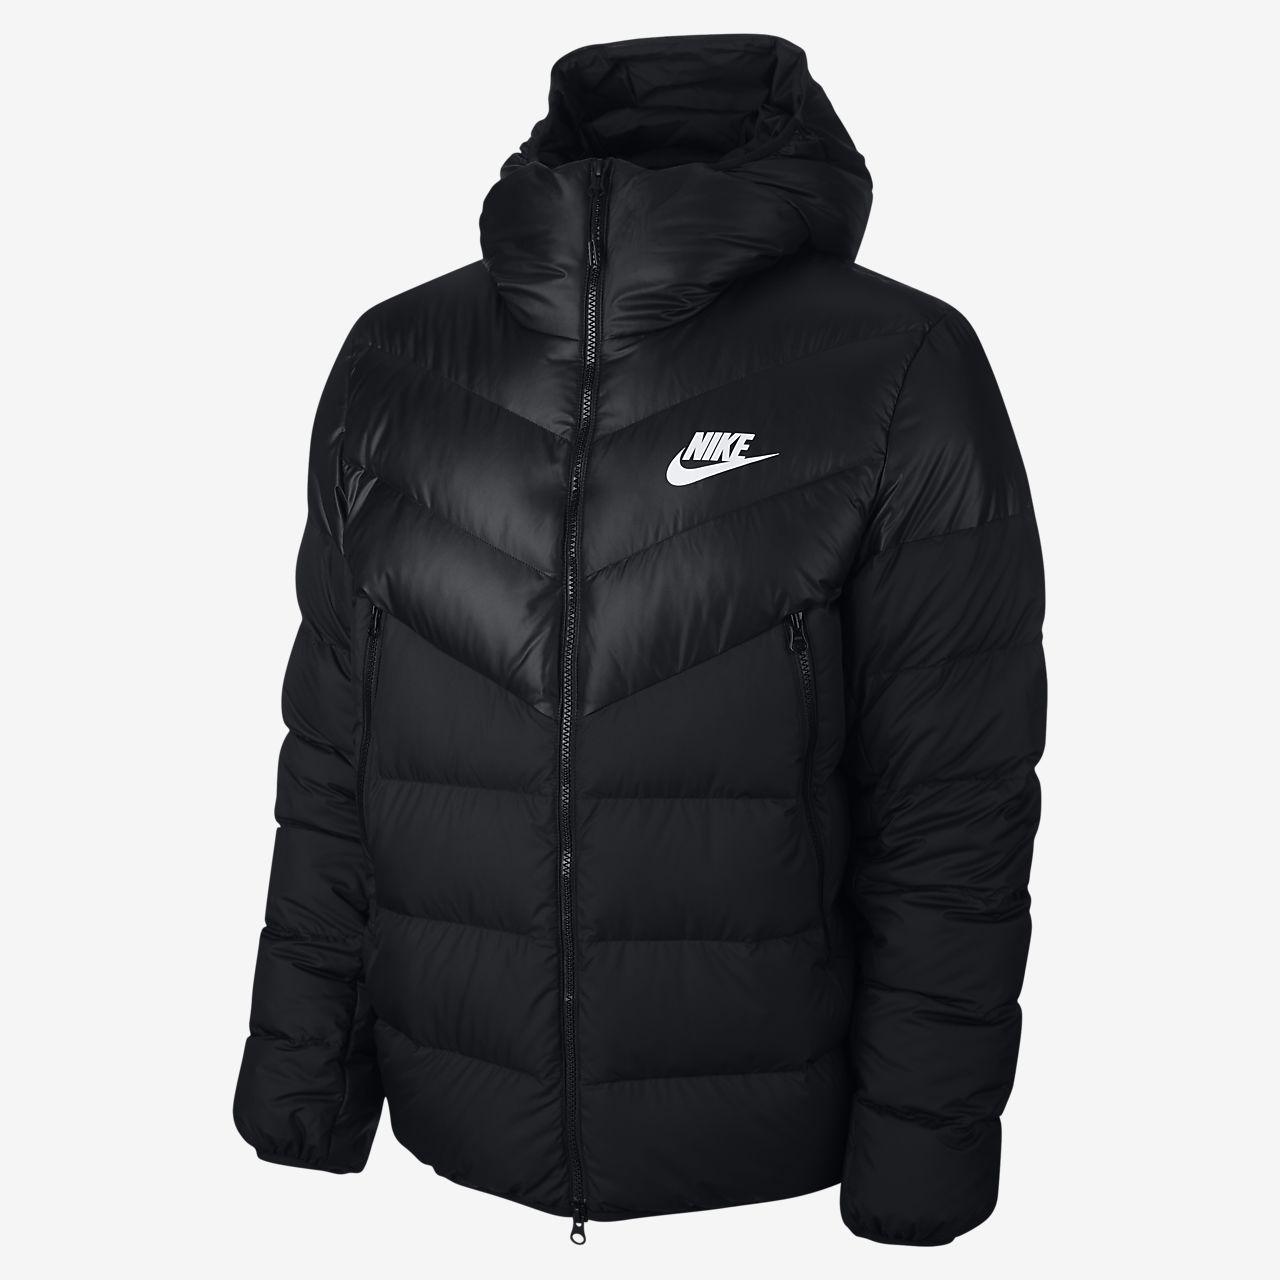 Sportswear Chaleco Hombre Windrunner Nike Negro g6w5745x